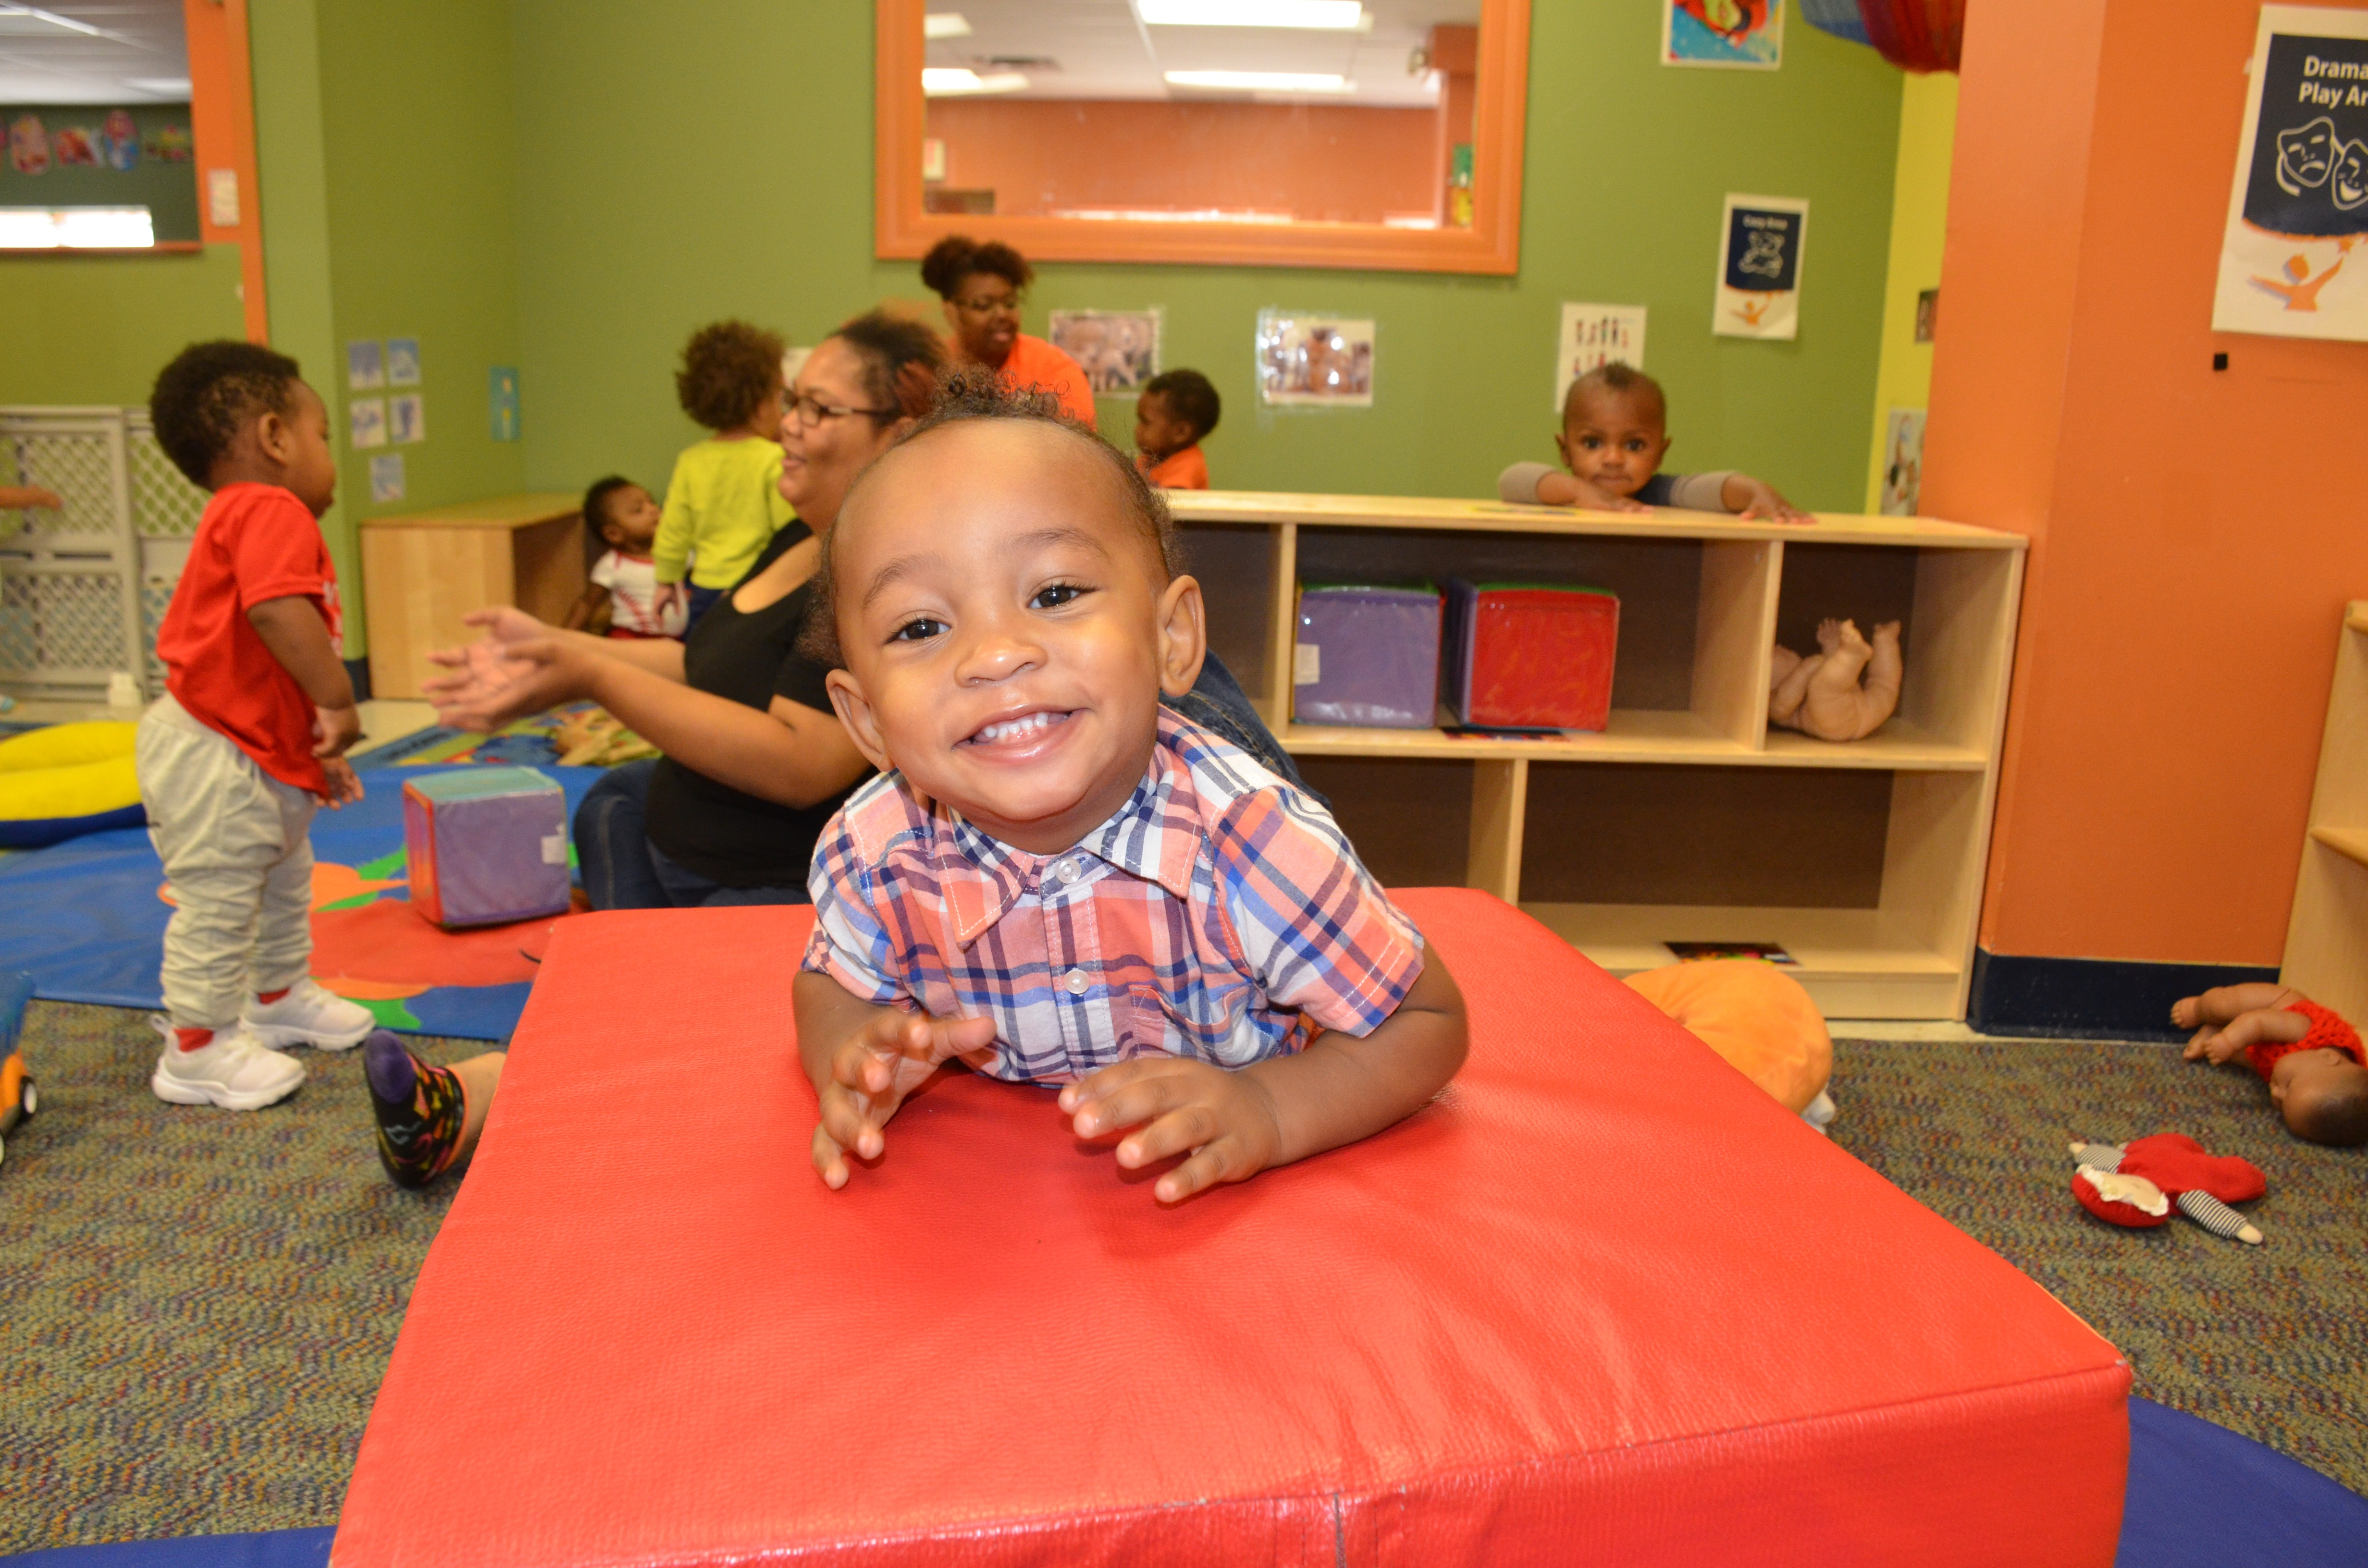 Child Care Provider | Toddler Preschools | Brightside Academy Ohio